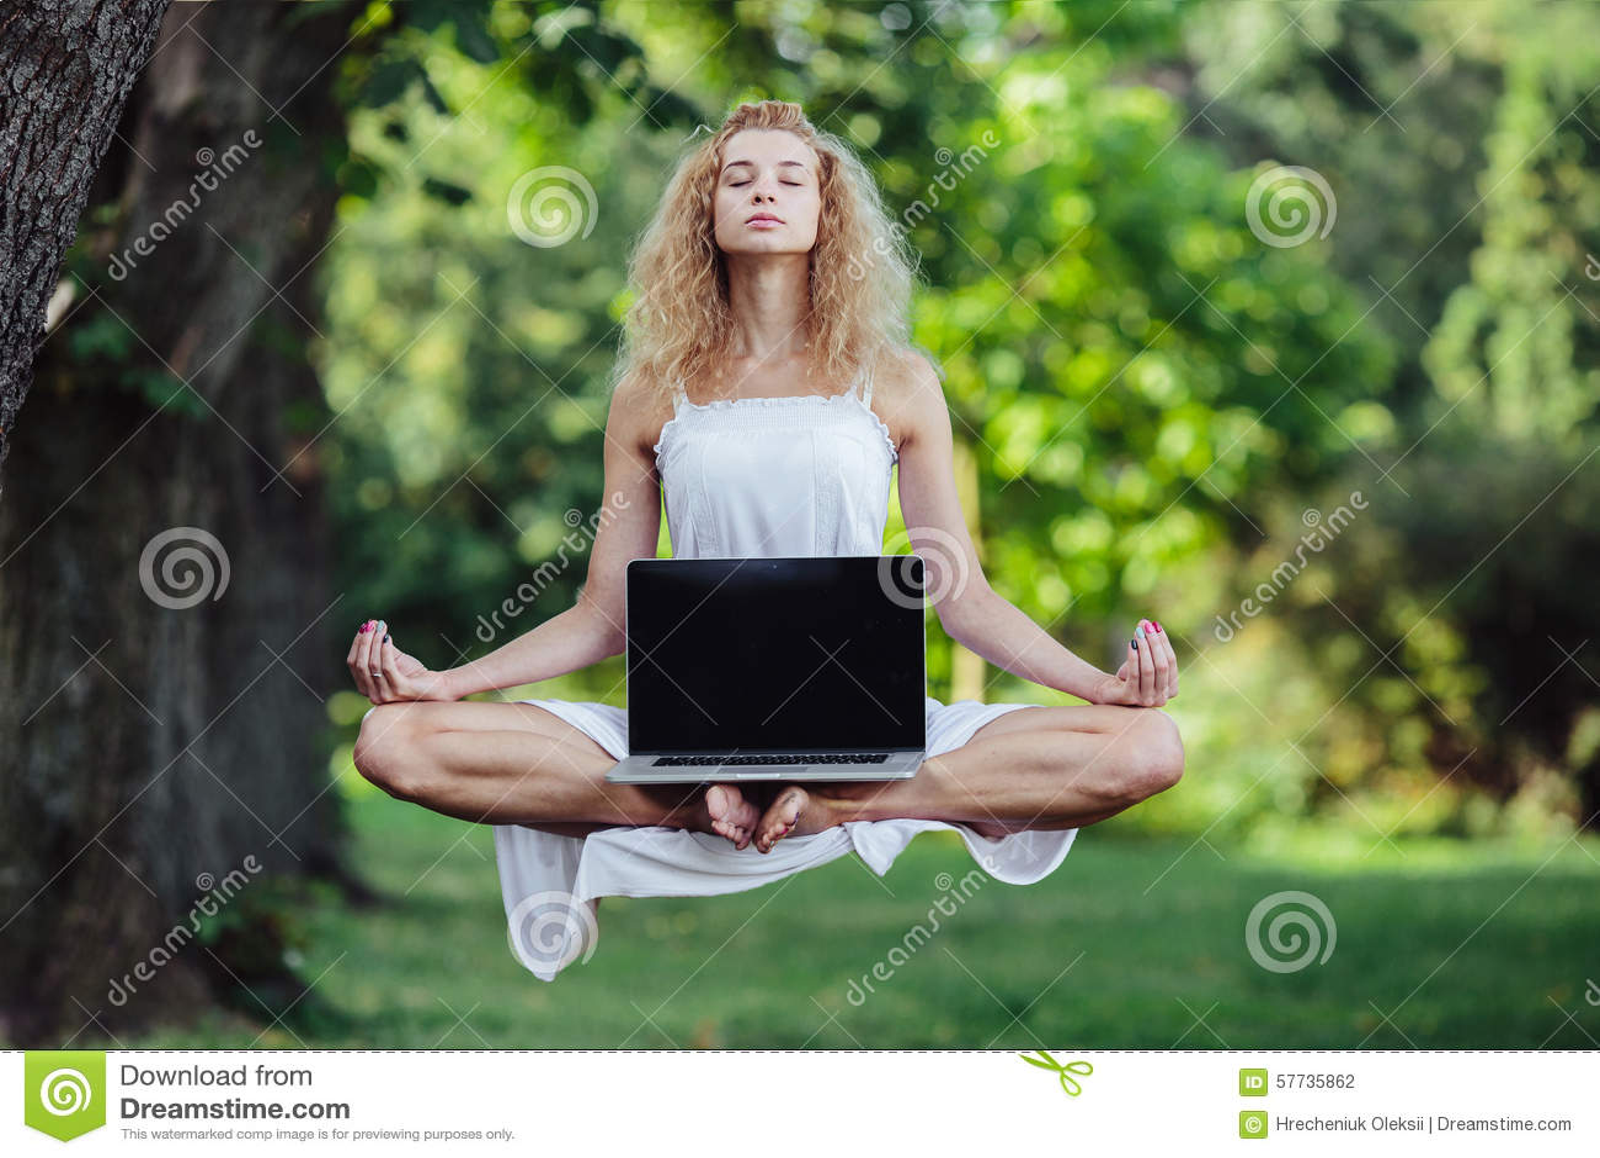 La muchacha eleva y mantiene flotando con el ordenador portátil